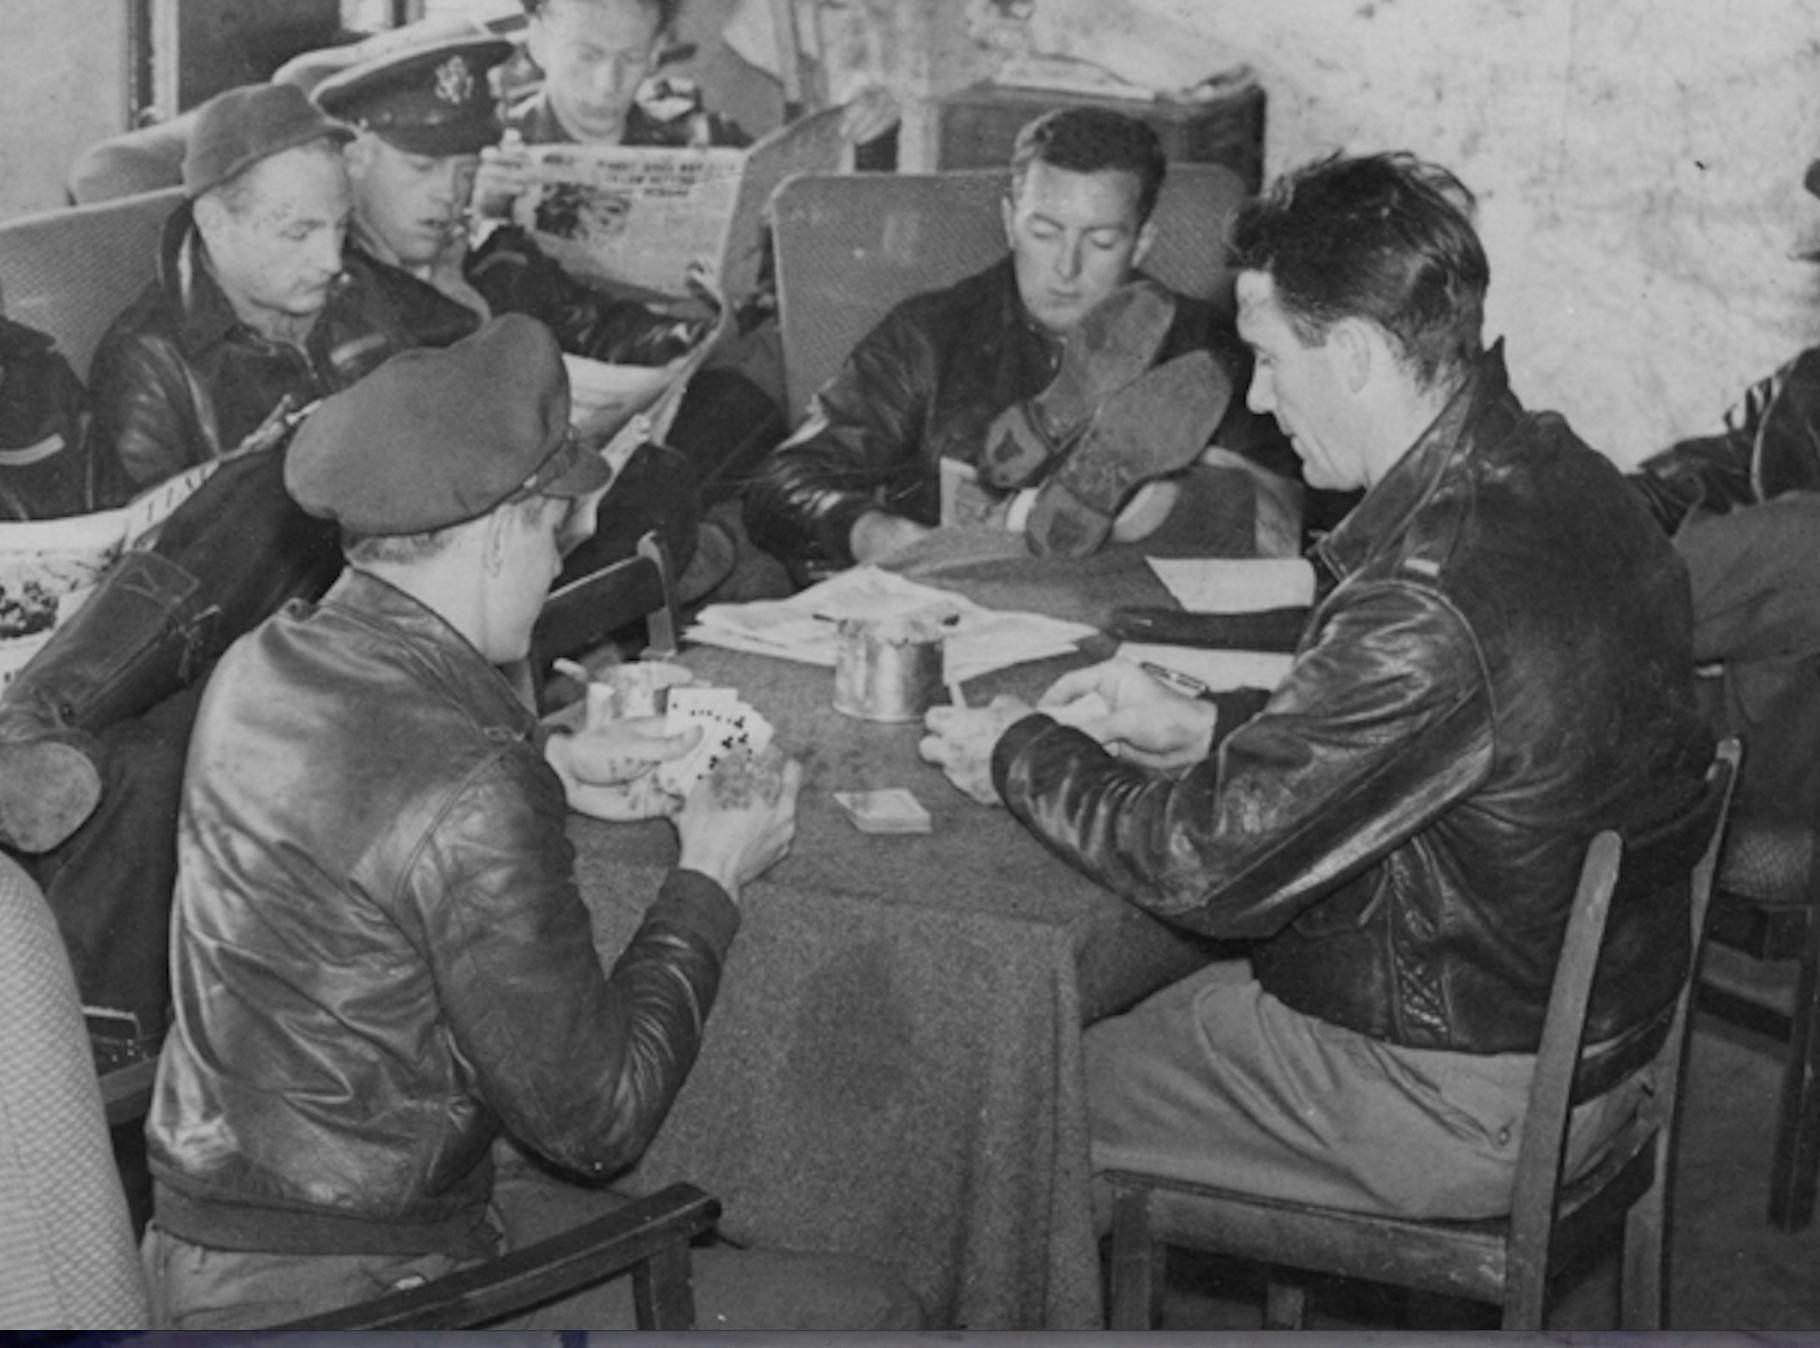 USAAFCards2.jpg